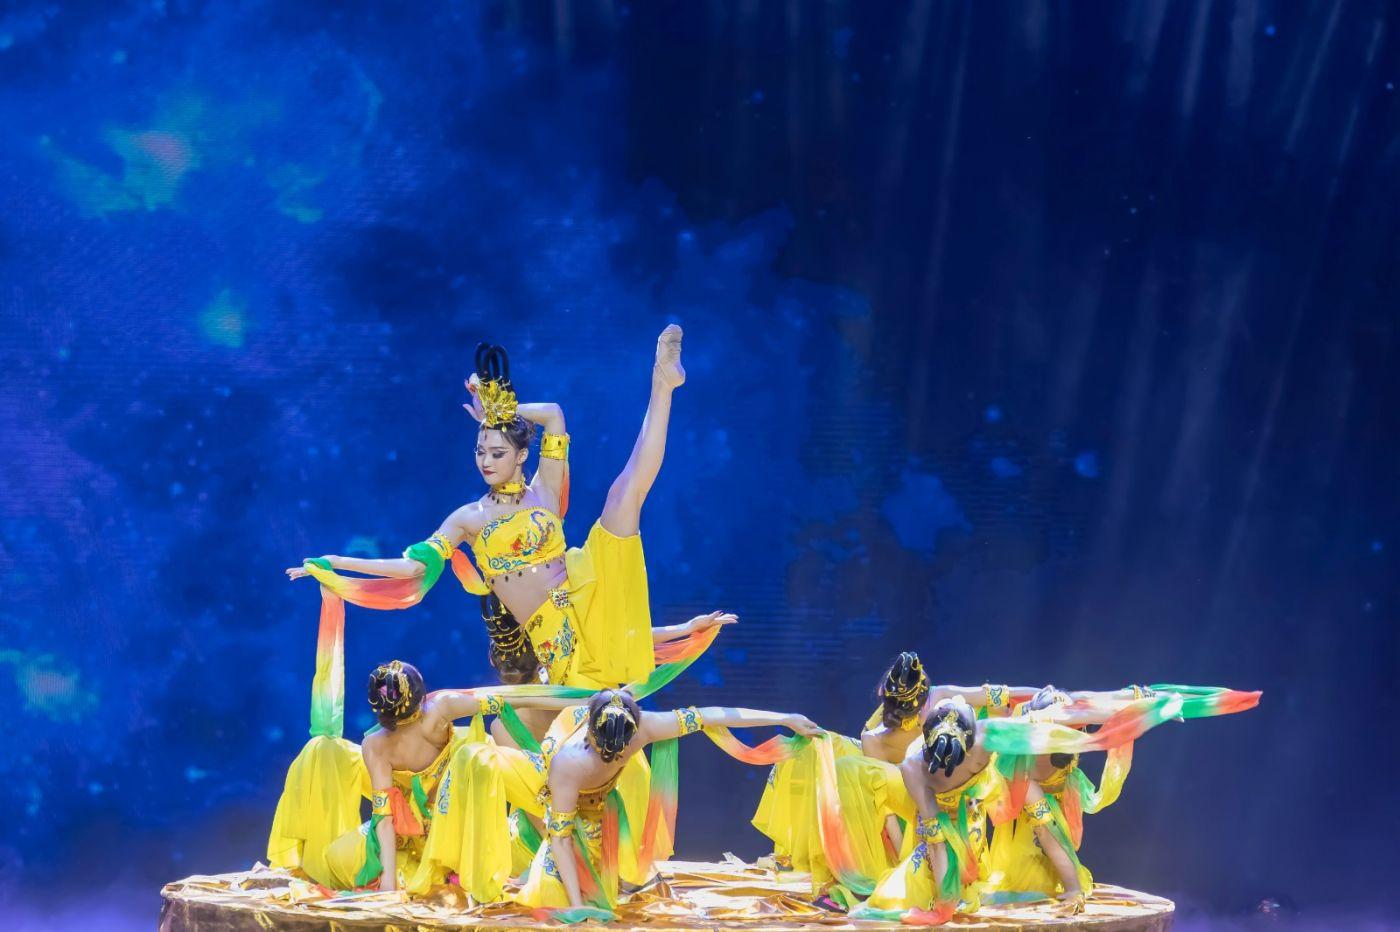 沂蒙大地上 有一种舞蹈叫飞天 这是几位临沂女孩的杰作 美轮美奂 ..._图1-17